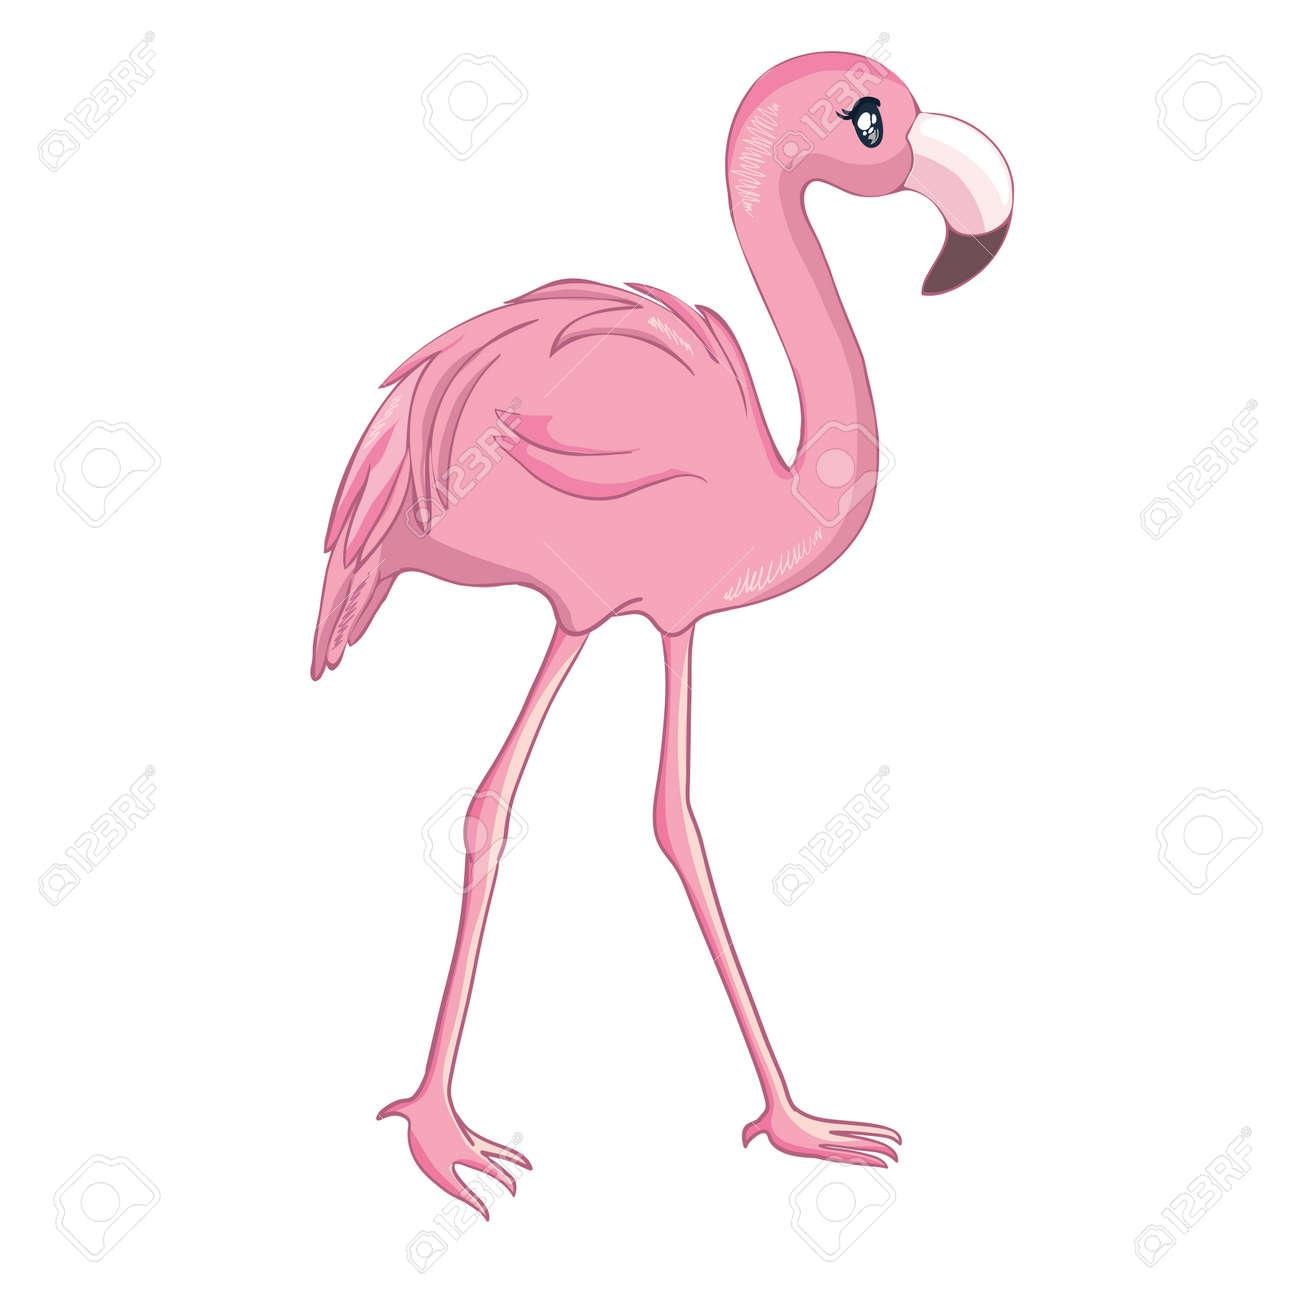 Cartoon flamingo isolated on white background. Vector illustration. - 168291125